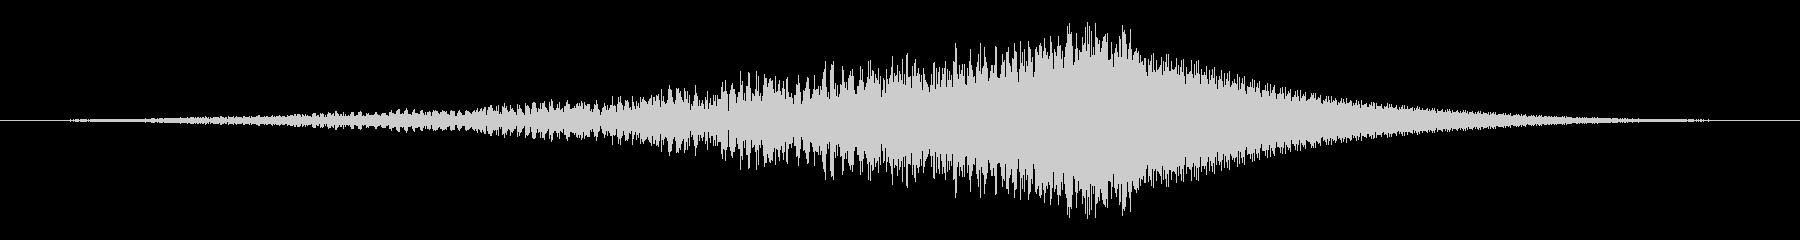 かみそりバズトーンスラッシュ2の未再生の波形